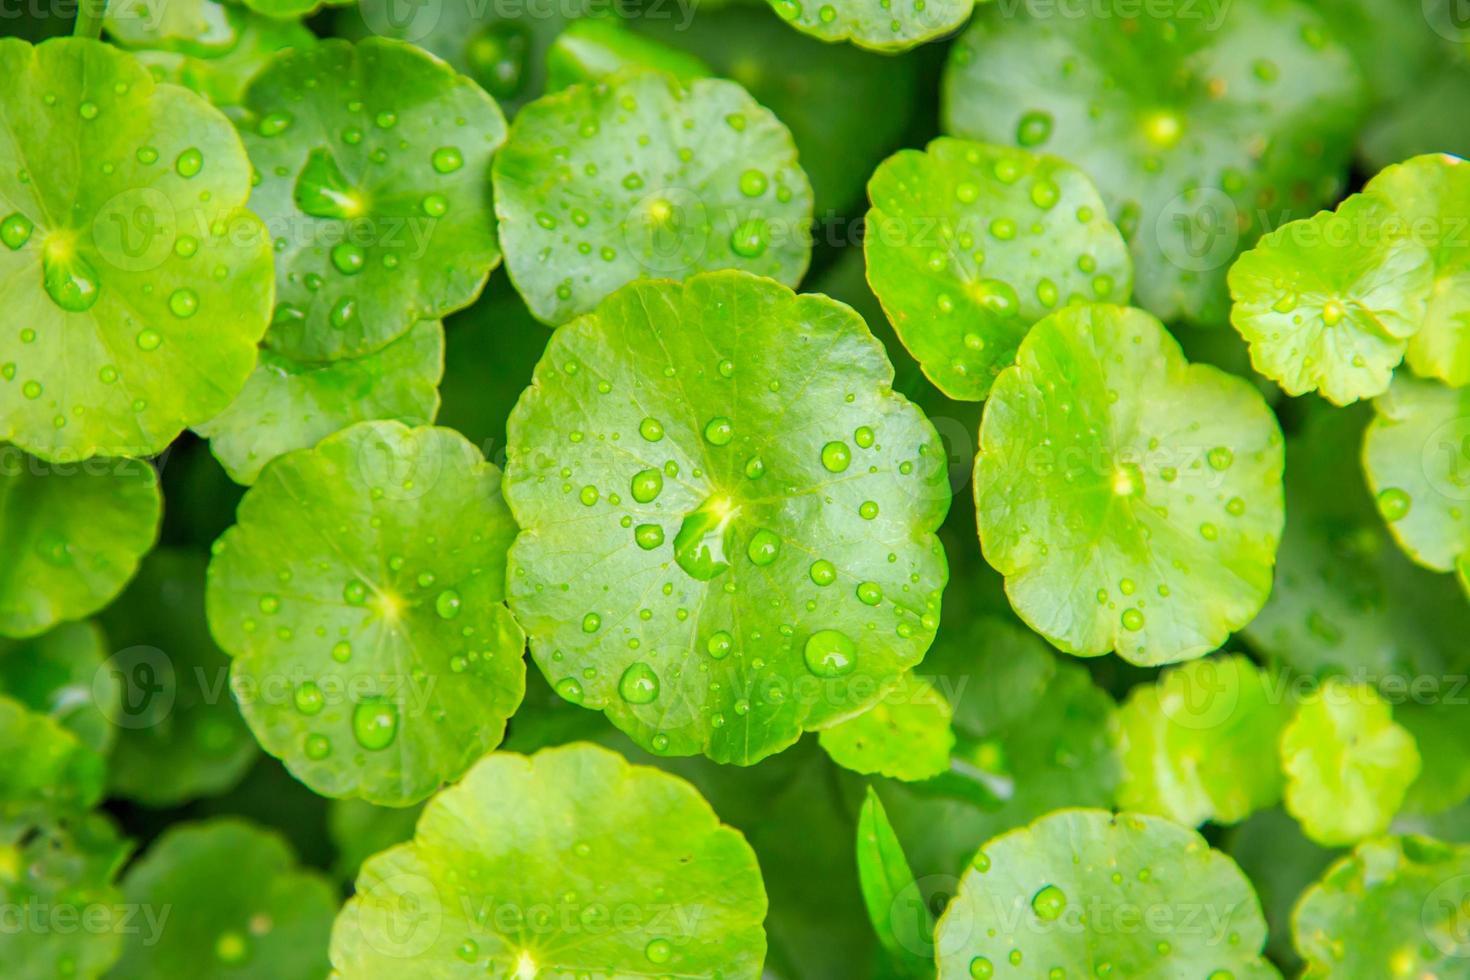 Planta de hierba de centavo verde cerca de fondo natural foto